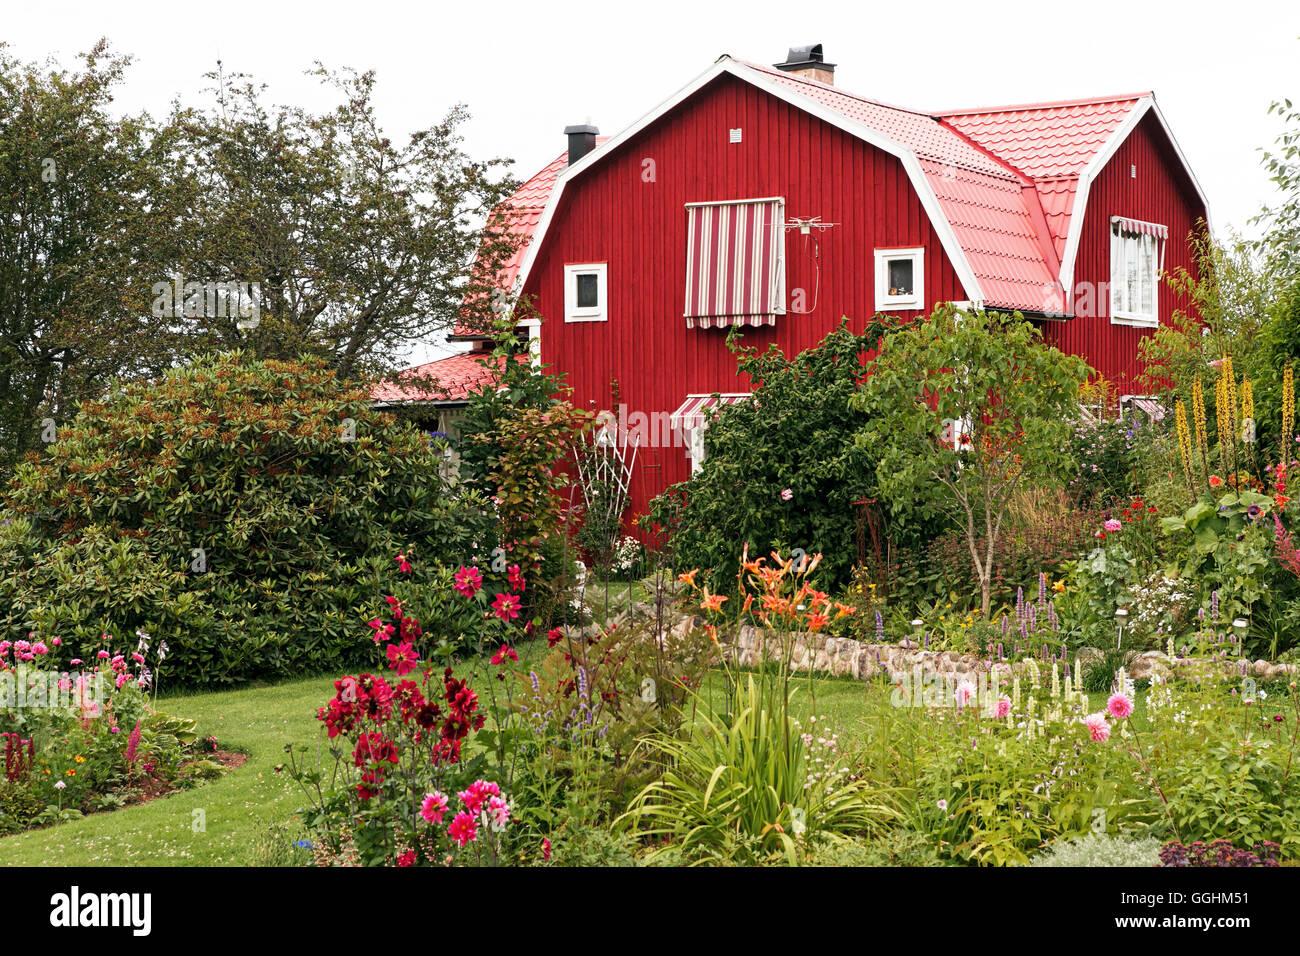 Jardin et maison typique près de Borensberg, Suède Photo Stock